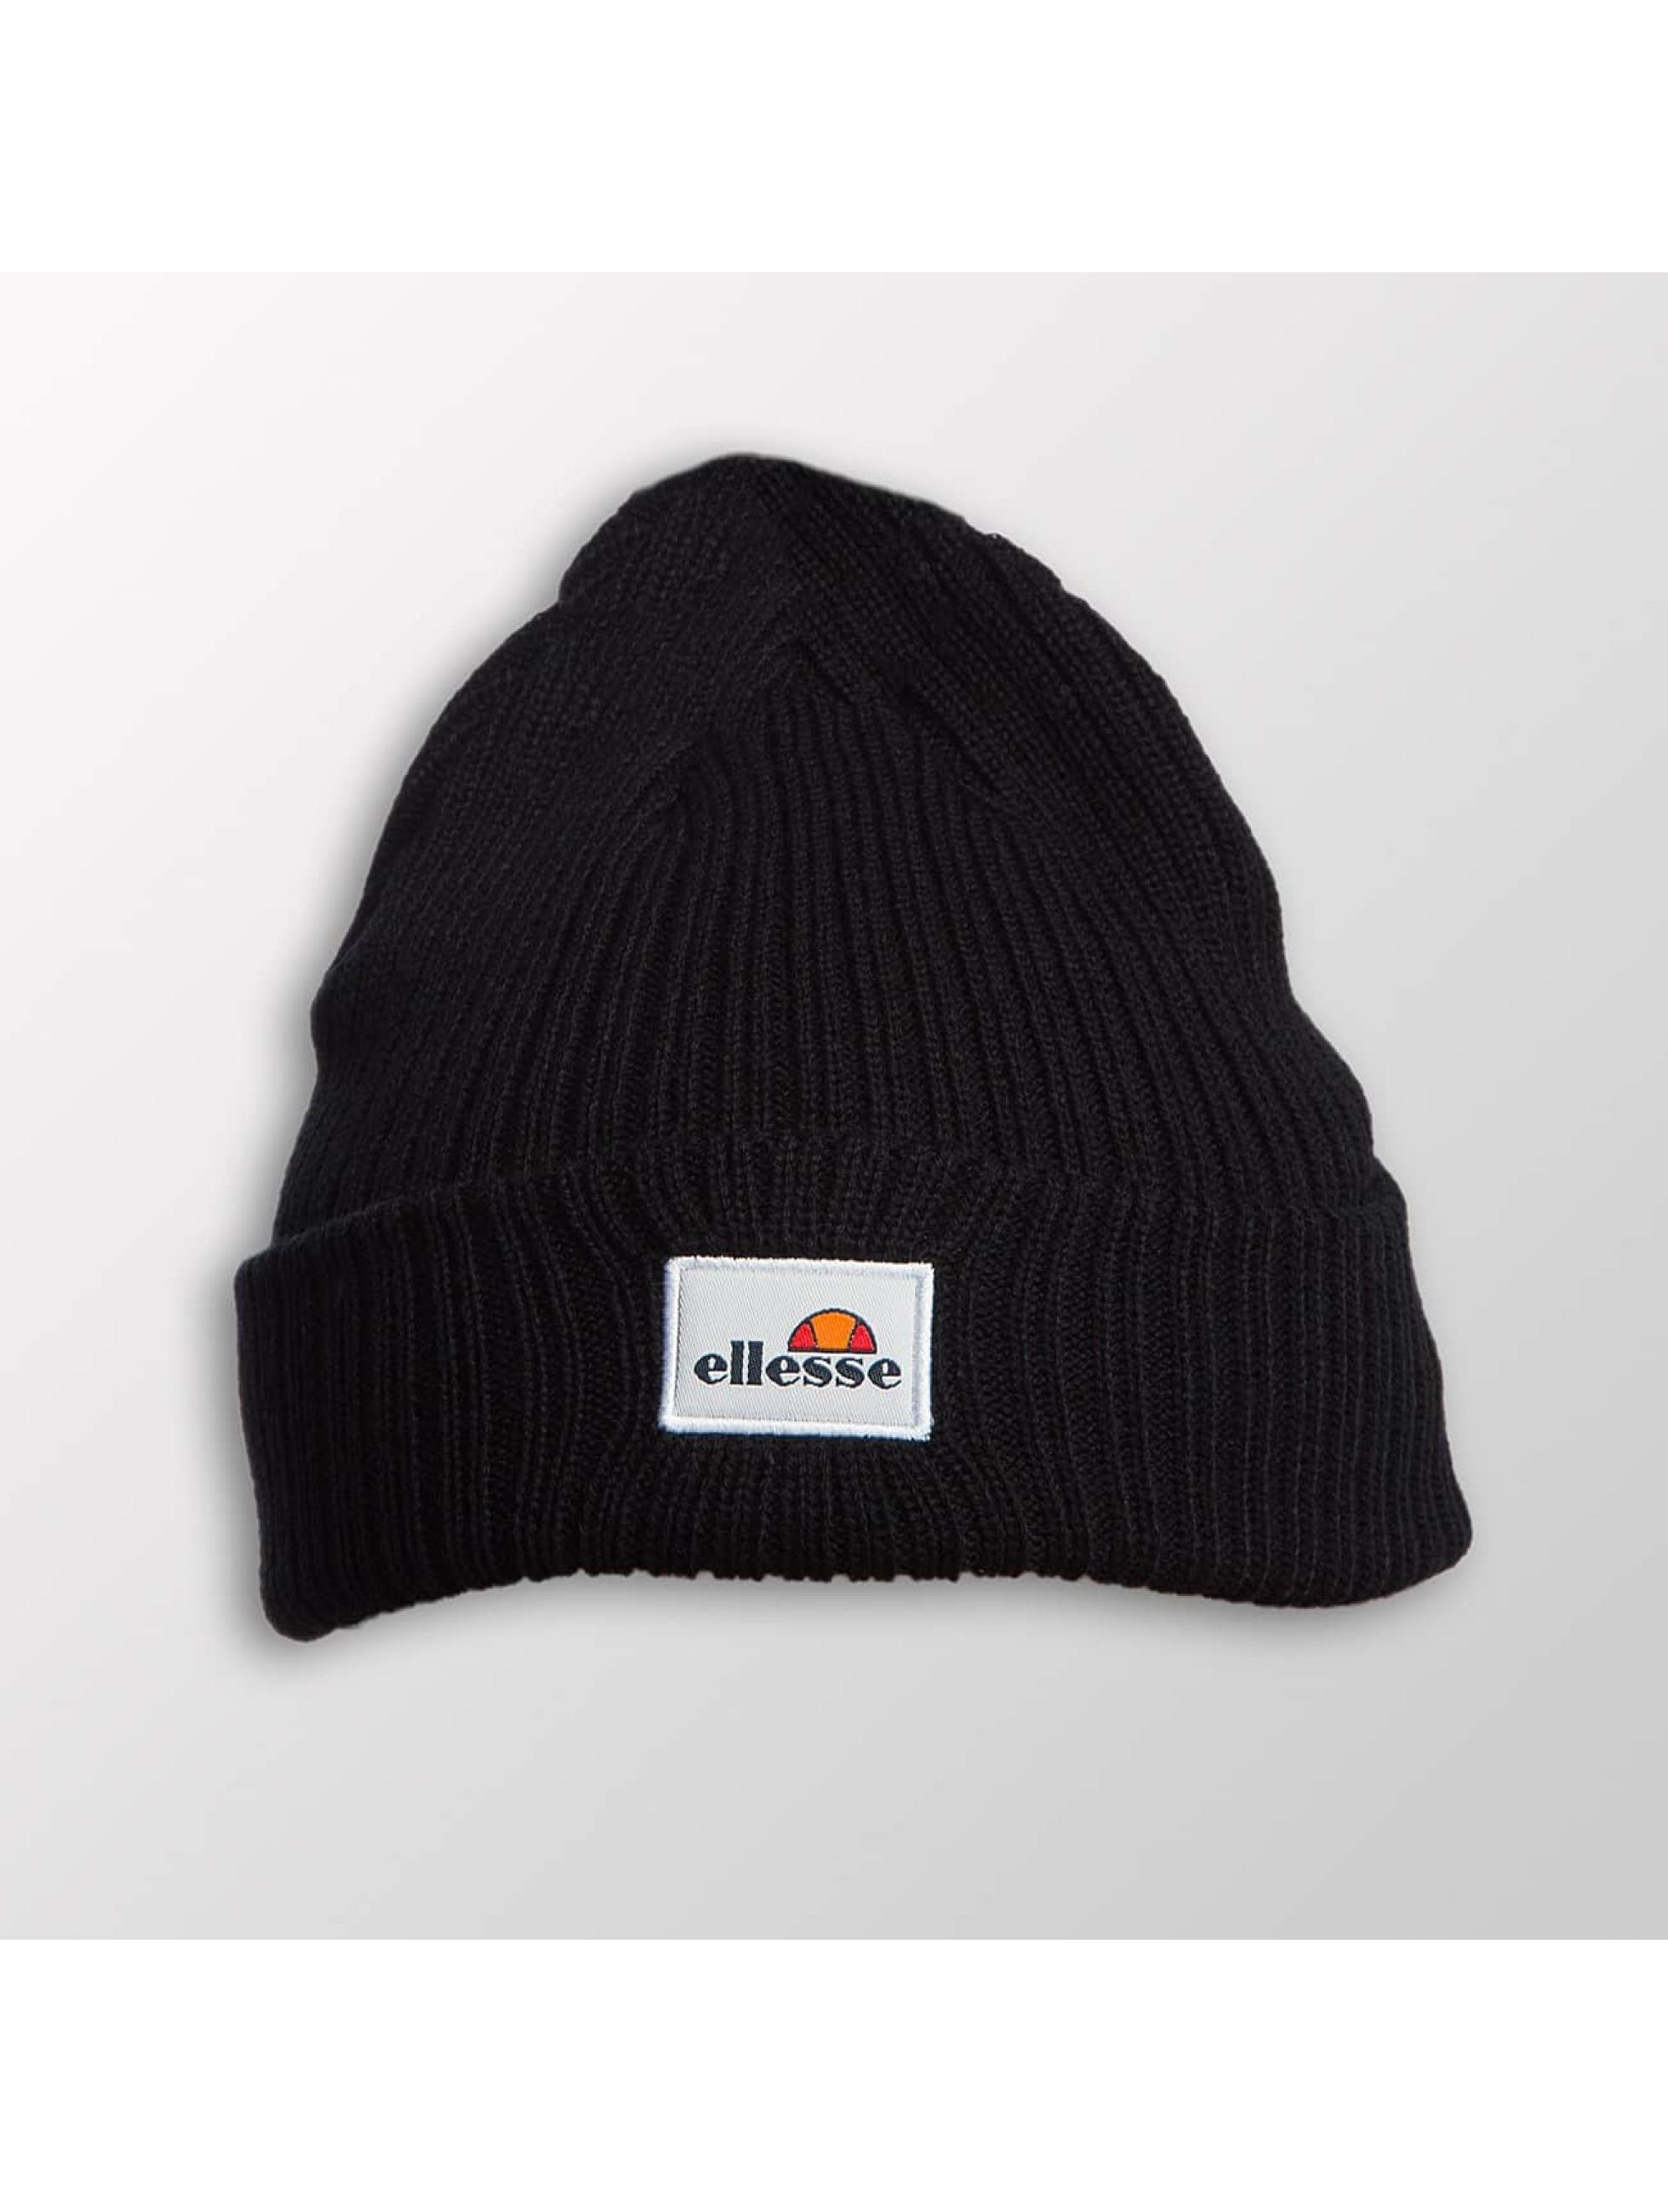 Ellesse Hat-1 Heritage Wicker black